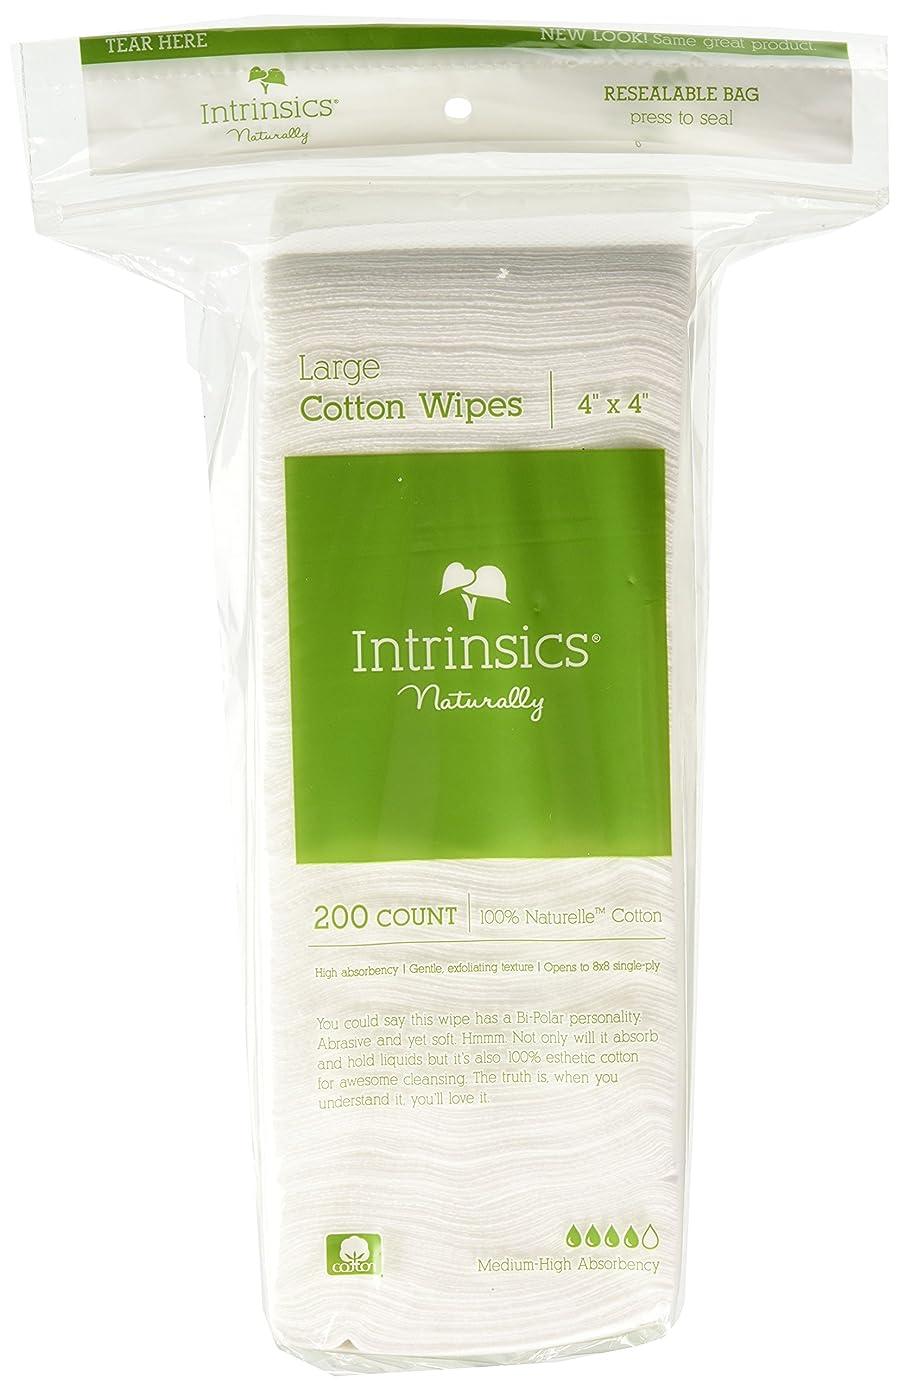 ライオンリーズ提供Intrinsics 大綿ワイプ - 4